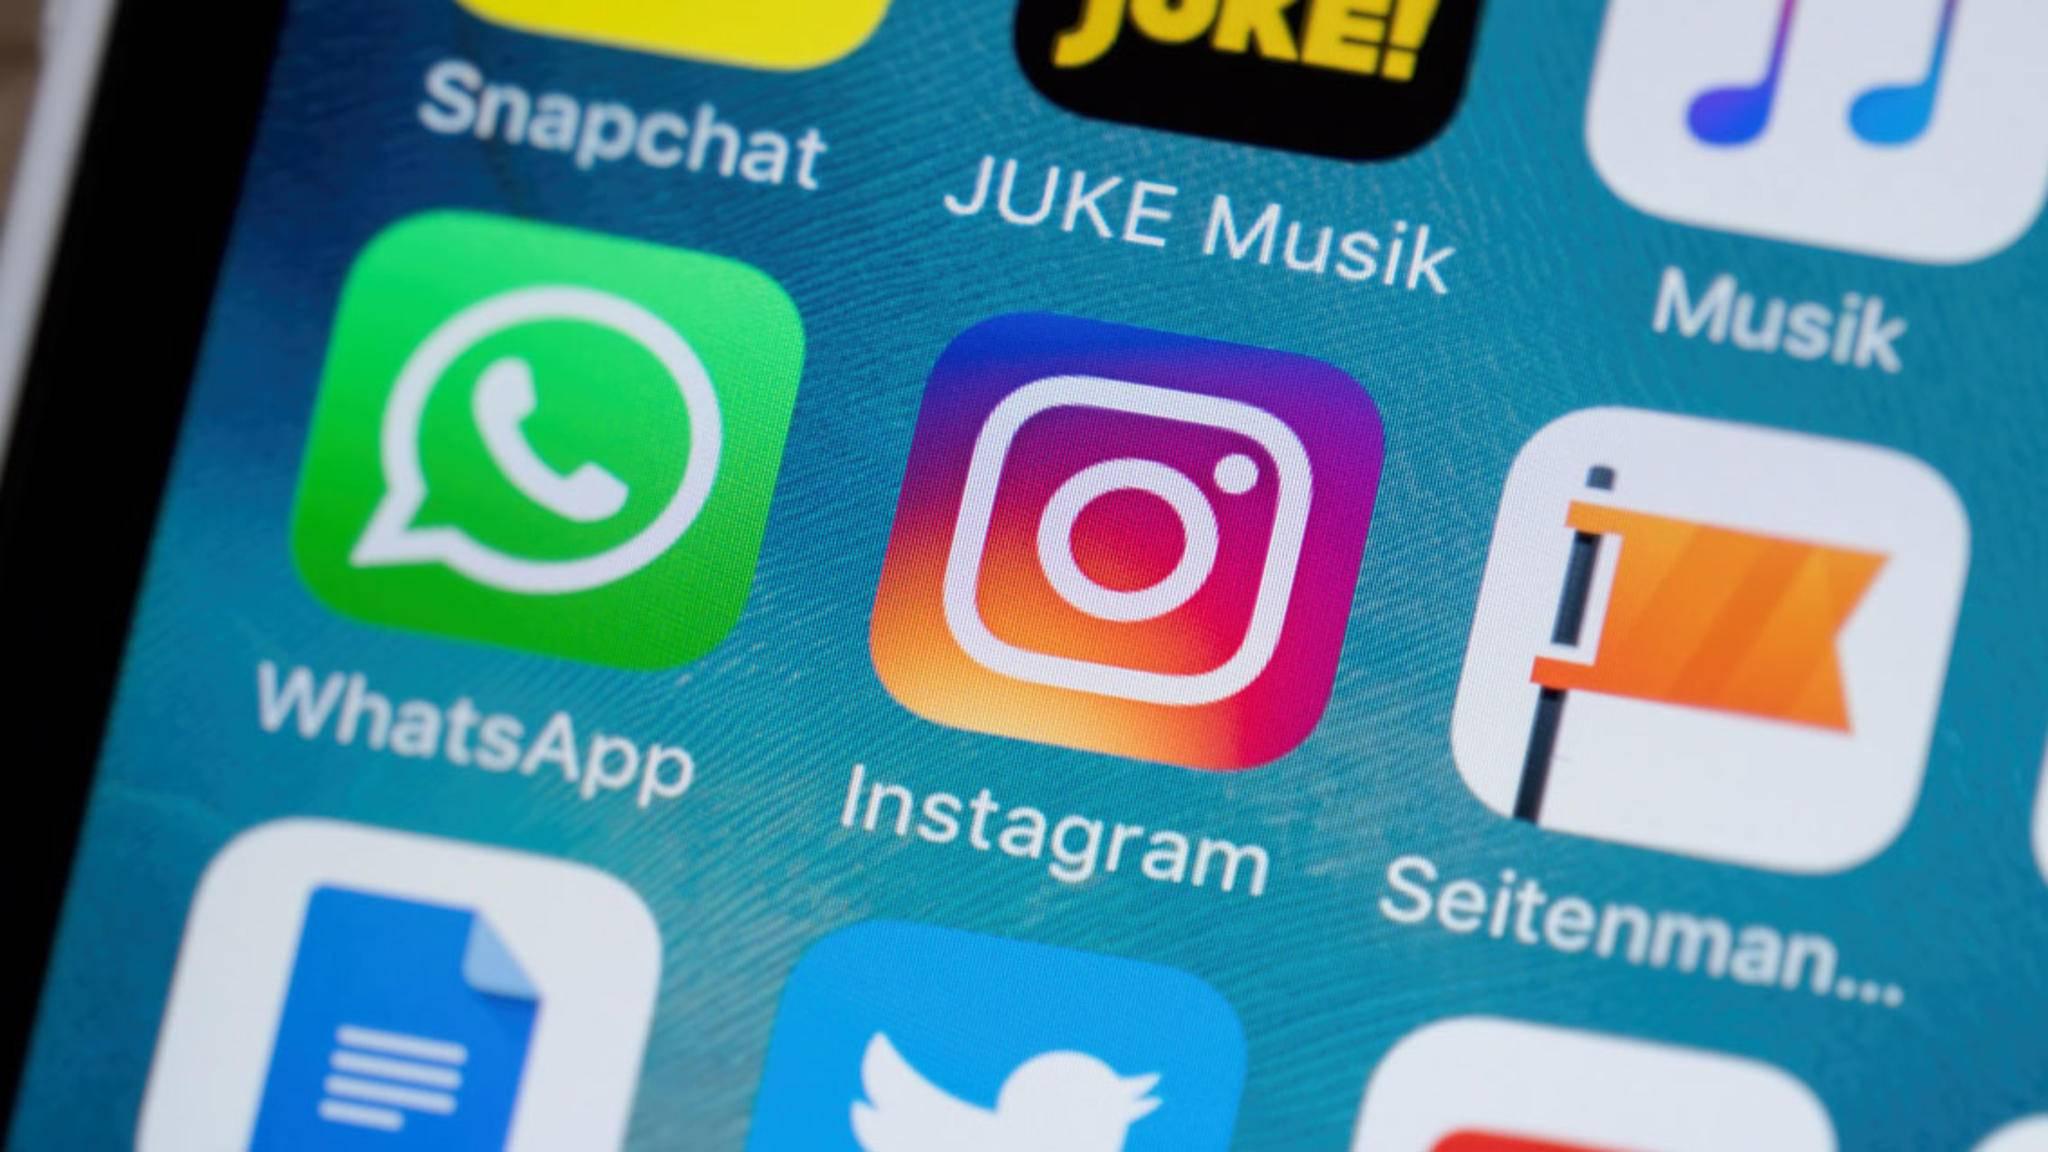 Über eine ungesicherte Datenbank waren Millionen Datensätze von Instagram-Nutzern frei zugänglich.